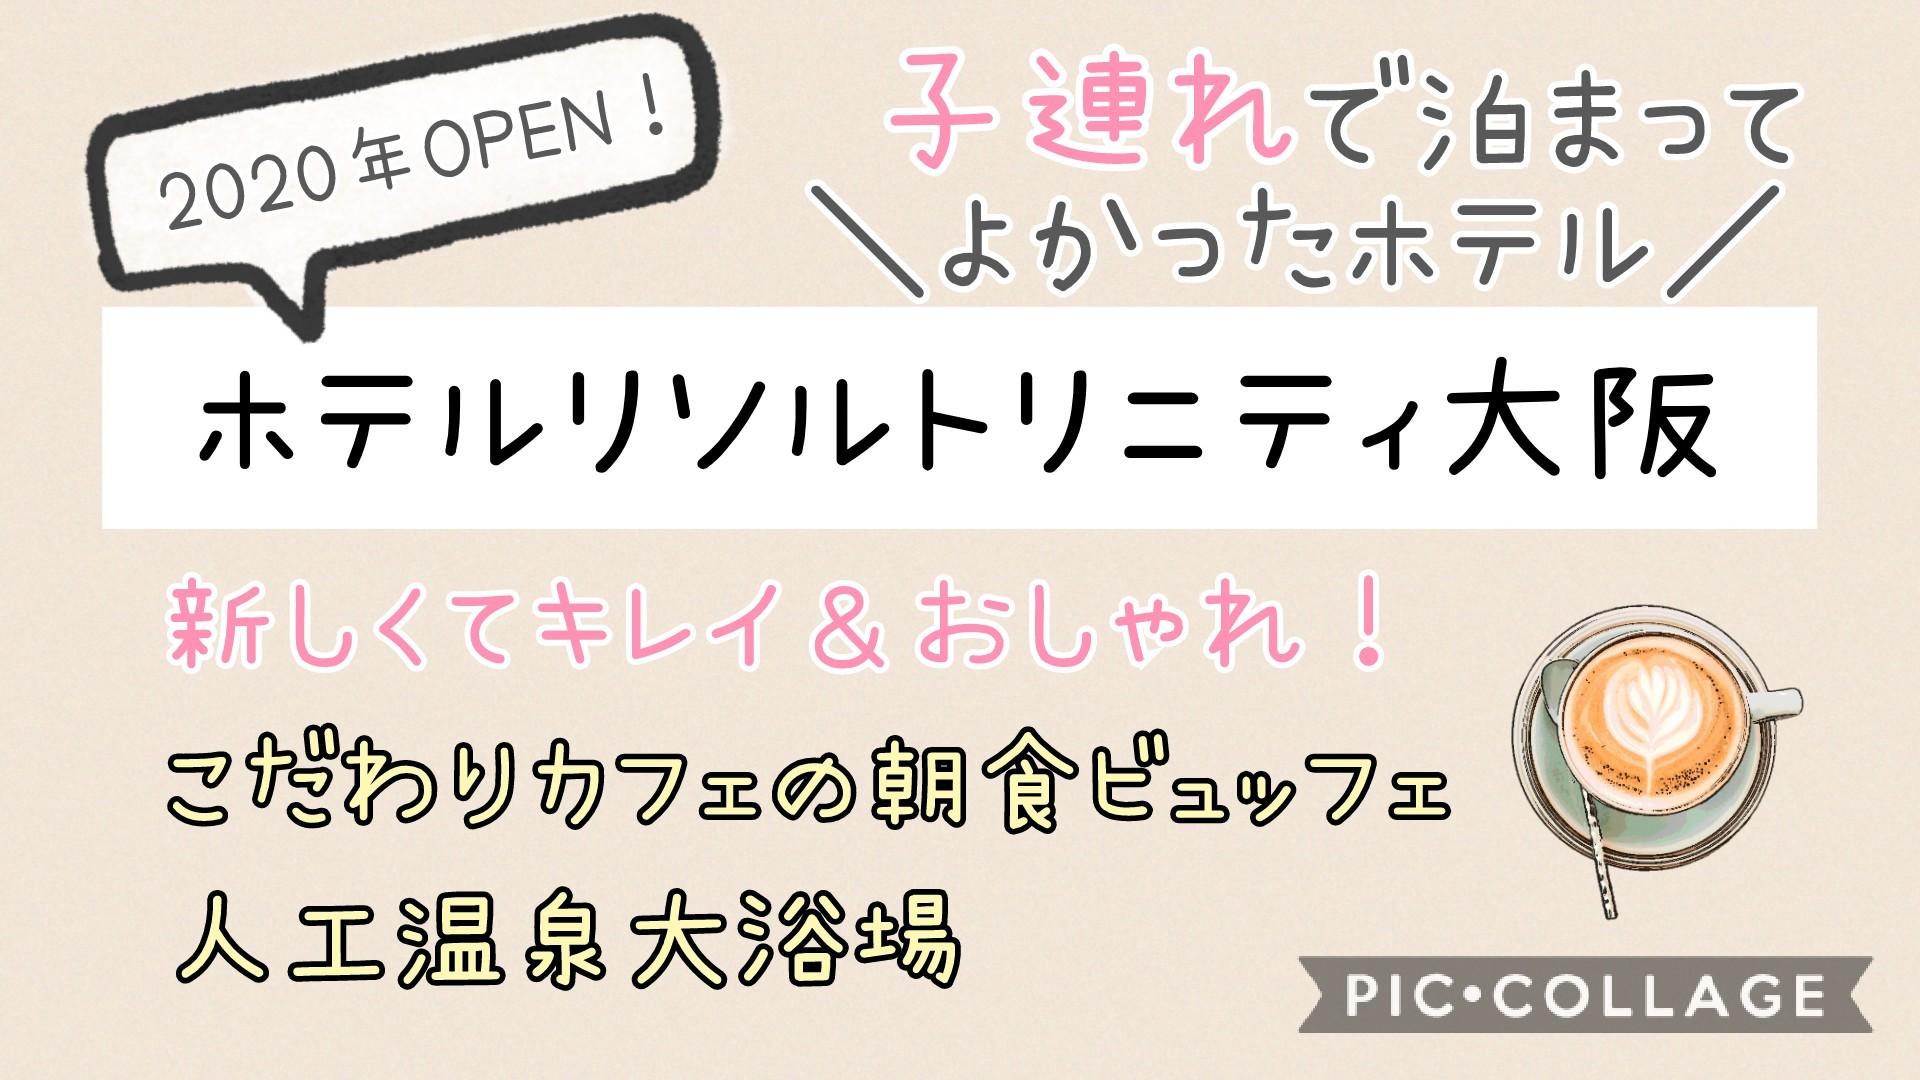 子連れで泊まってよかったホテルホテルリソルトリニティ大阪2020年オープン人工温泉大浴場朝食ビュッフェ新しいキレイおしゃれ